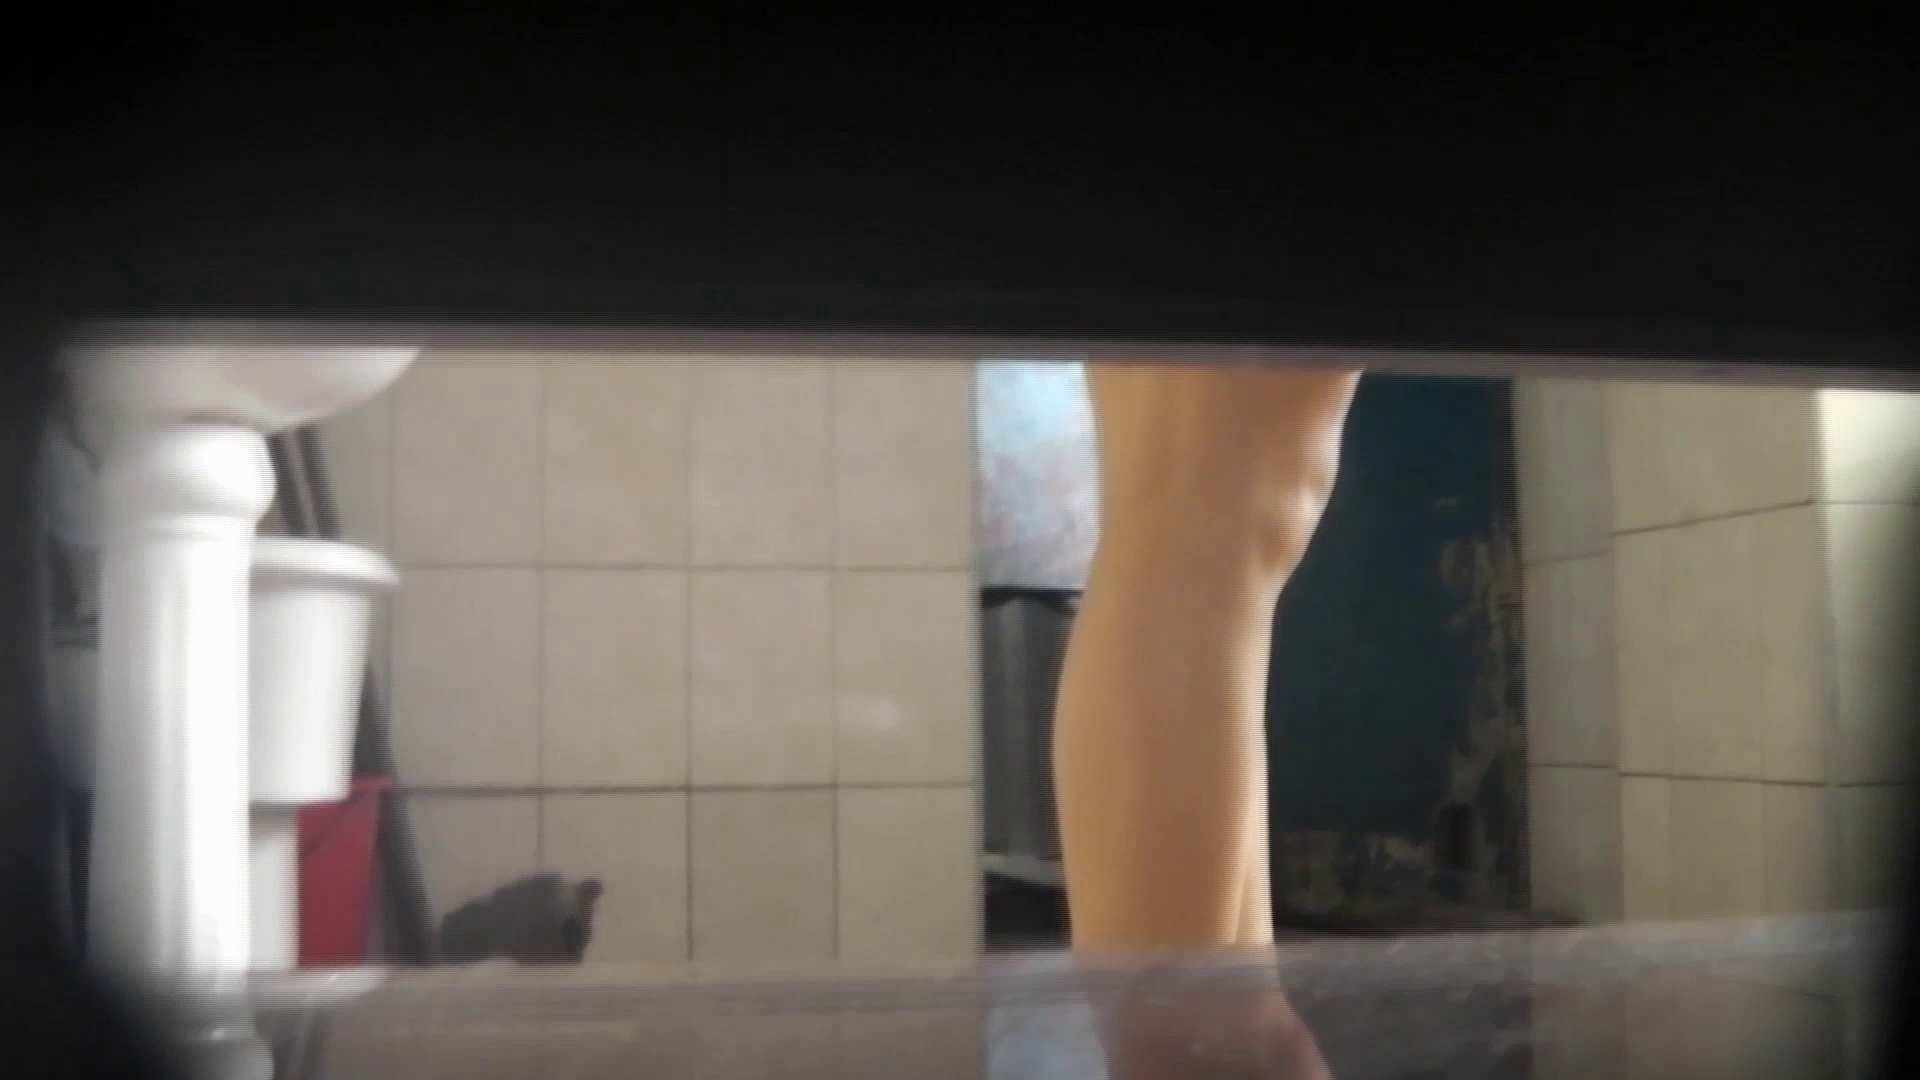 ステーション編 vol40 更に画質アップ!!無料動画のモデルつい登場3 洗面所 おまんこ動画流出 91画像 29